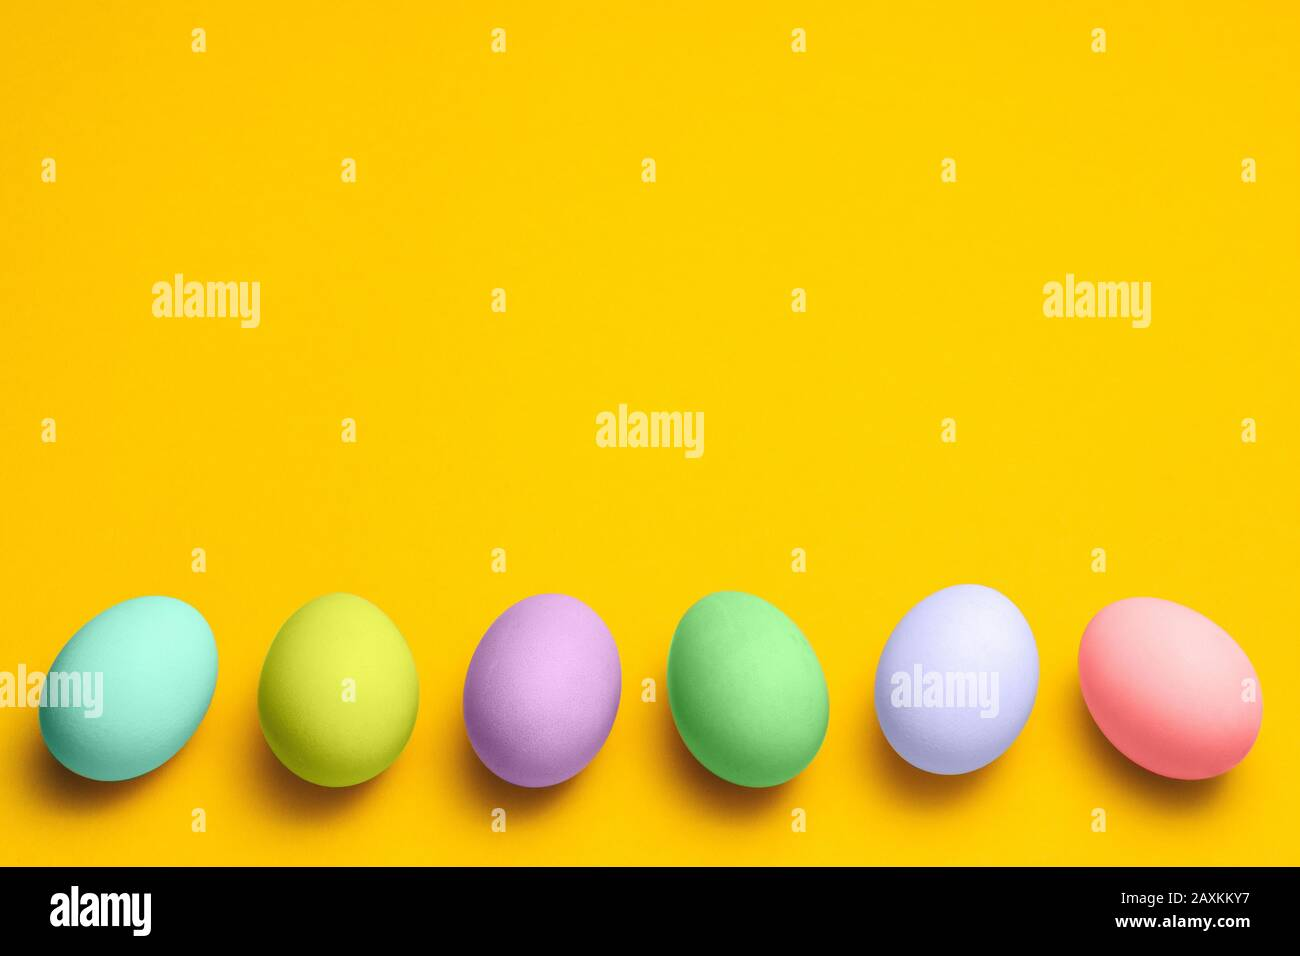 les œufs de pâques peints dans des tons pastel sur un fond jaune avec un espace publicitaire. pâques annoncer design minimaliste concept Banque D'Images